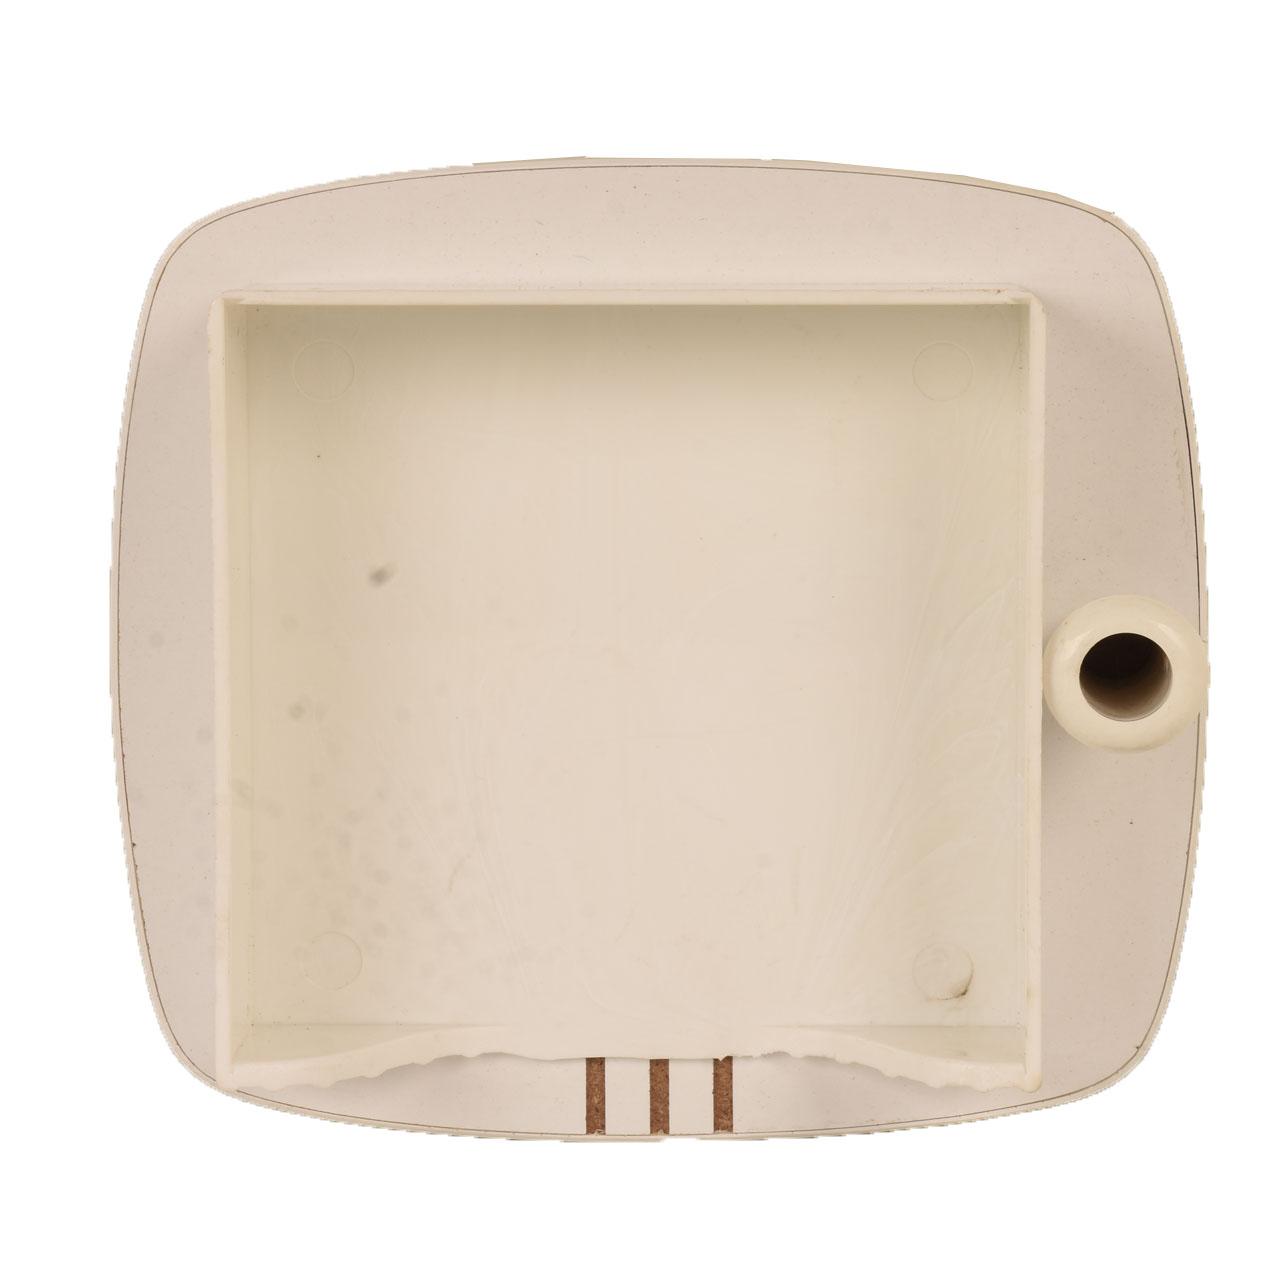 جای برگه یادداشت رومیزی پارینه مدل DS12-13